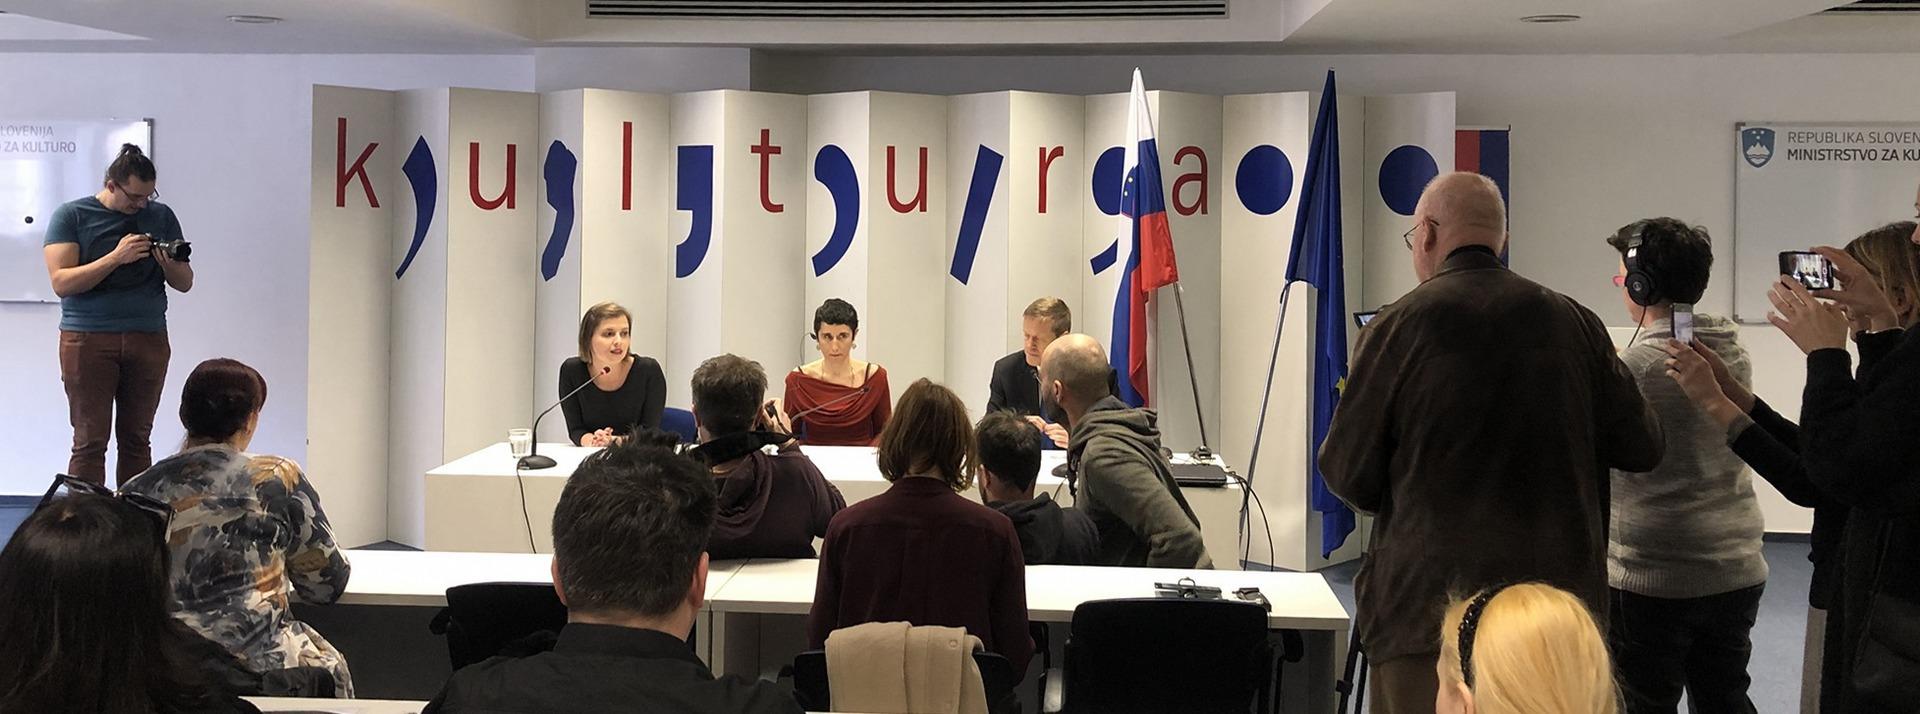 Piran4Istria în runda finală pentru titlul de Capitala Europeană a Culturii în 2025